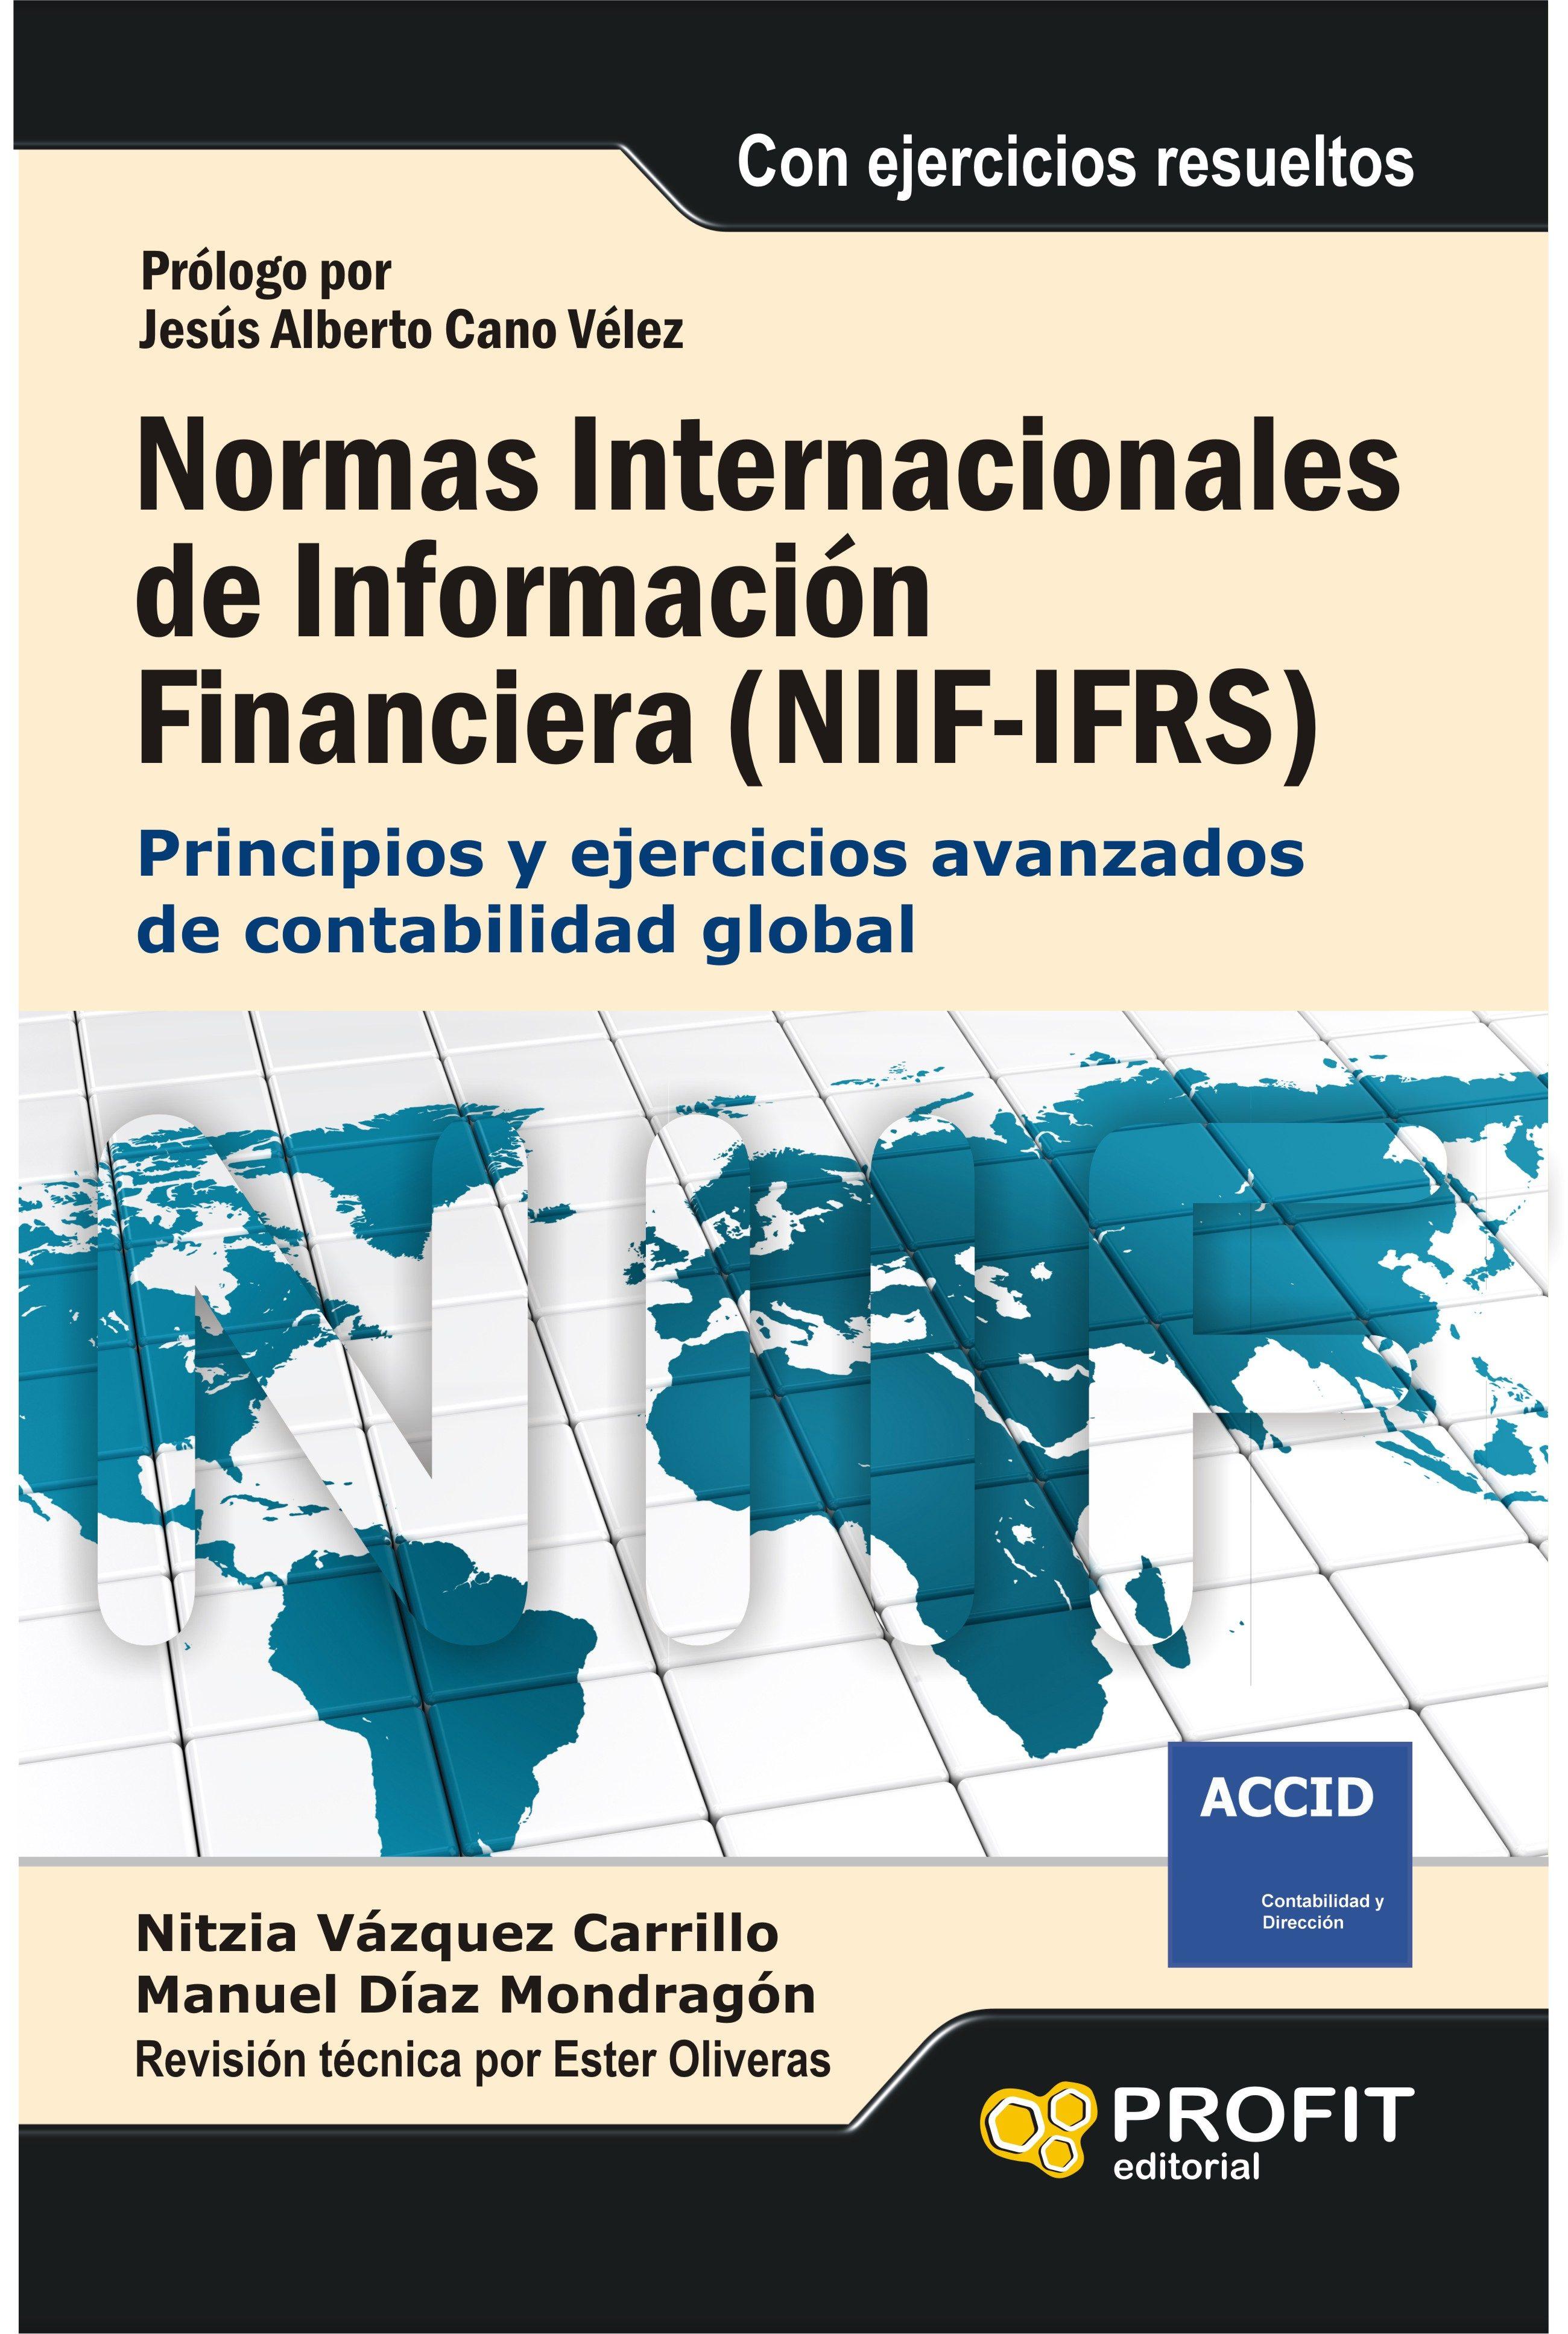 niif: normas internacionales de información financiera-nitzia vazquez-manuel diaz mondragon-9788415735748